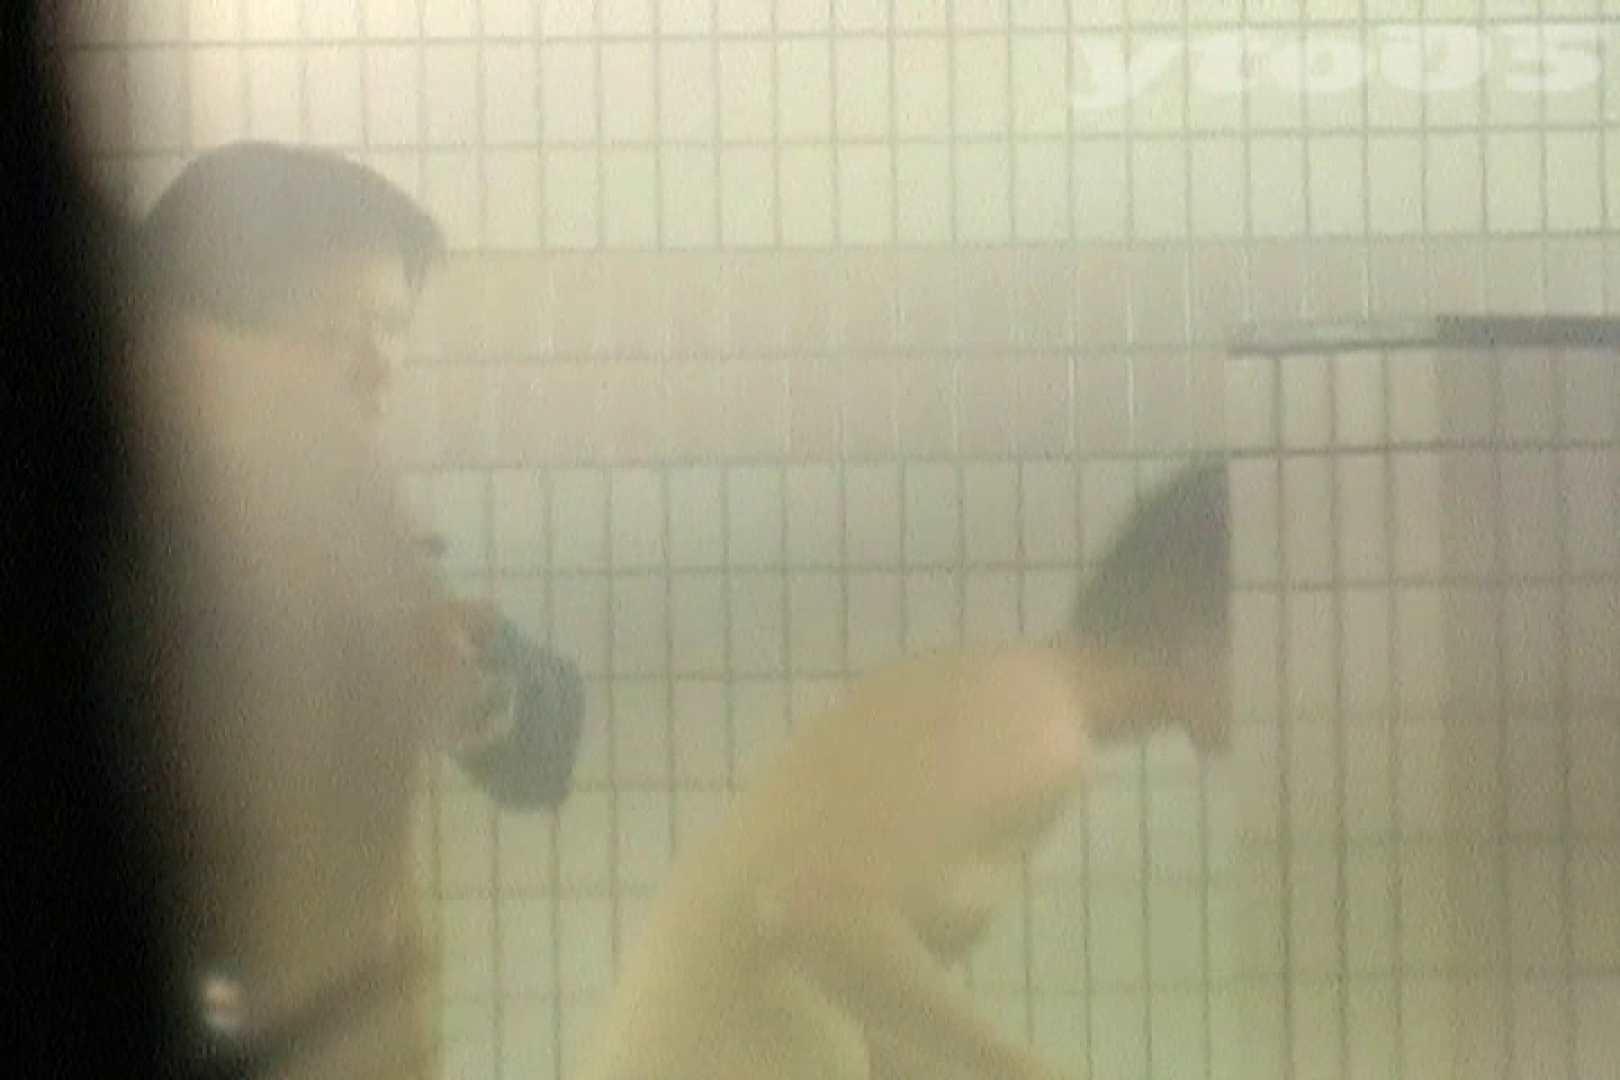 ▲復活限定▲合宿ホテル女風呂盗撮 Vol.29 女風呂 おめこ無修正動画無料 91PIX 70